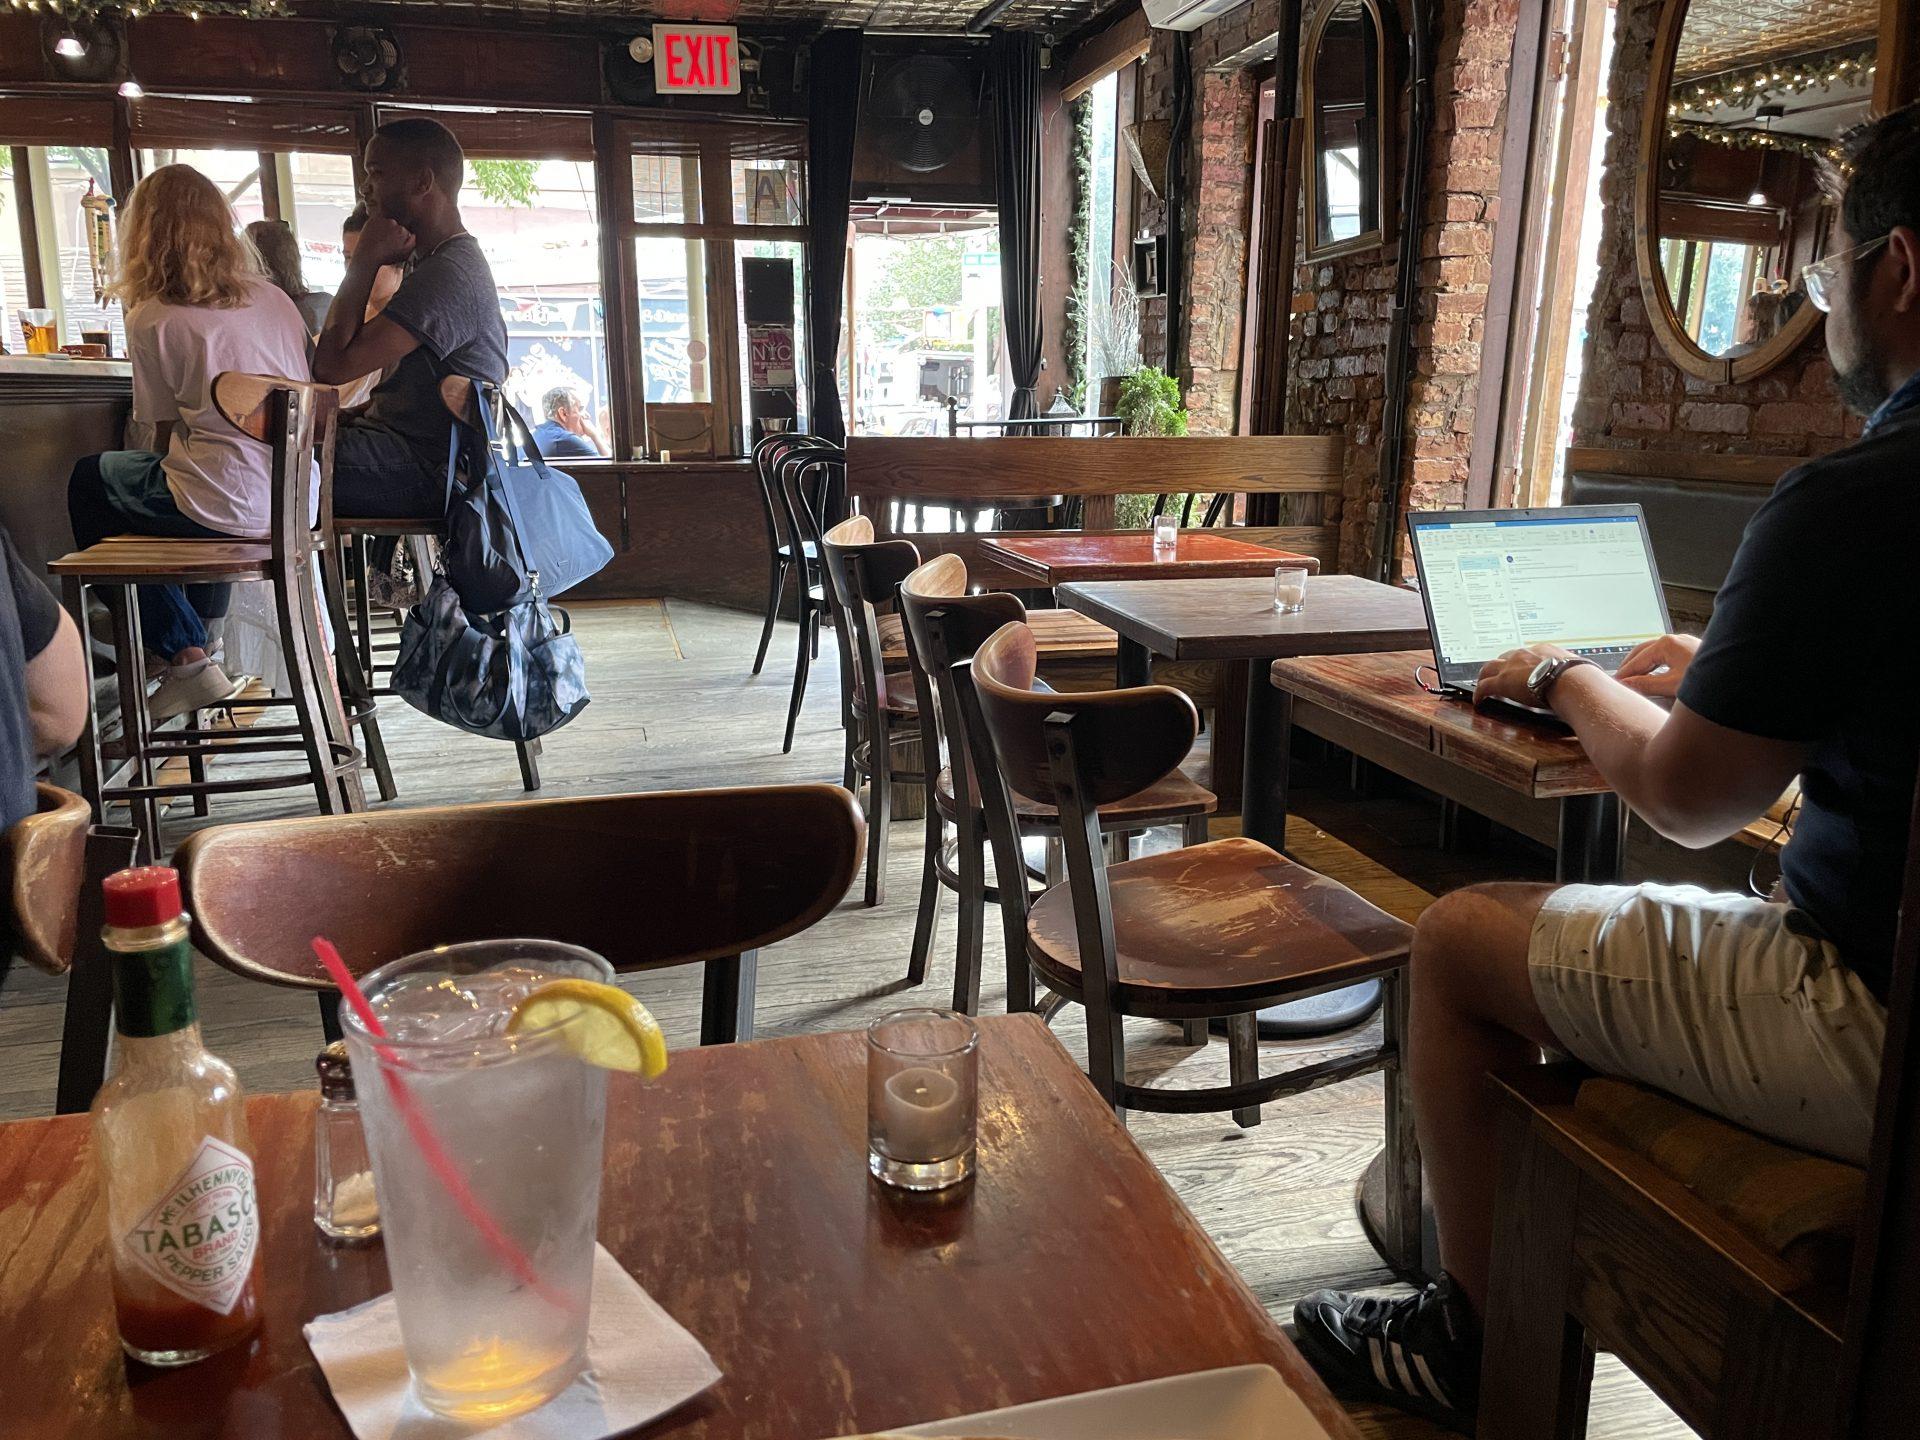 【フレンチクレープ】ノマドワークにも最適なカフェバー SHADE BAR Crepes